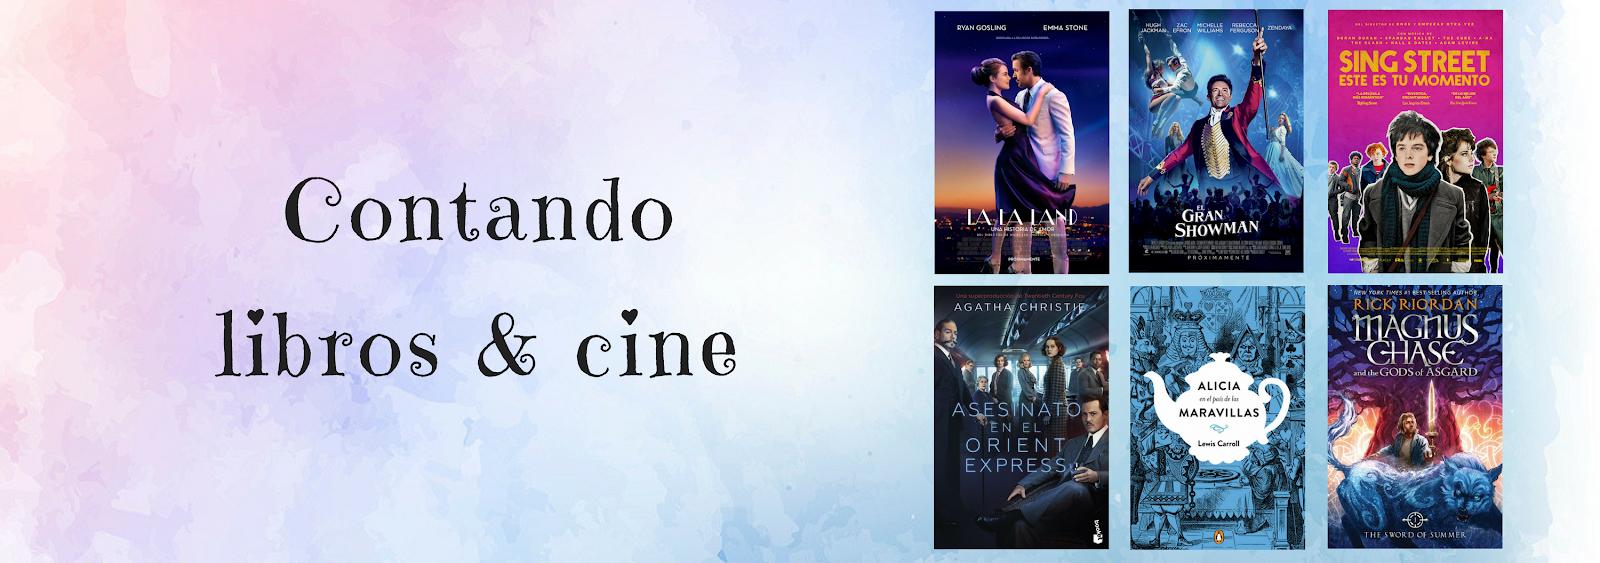 Contando Libros y Cine